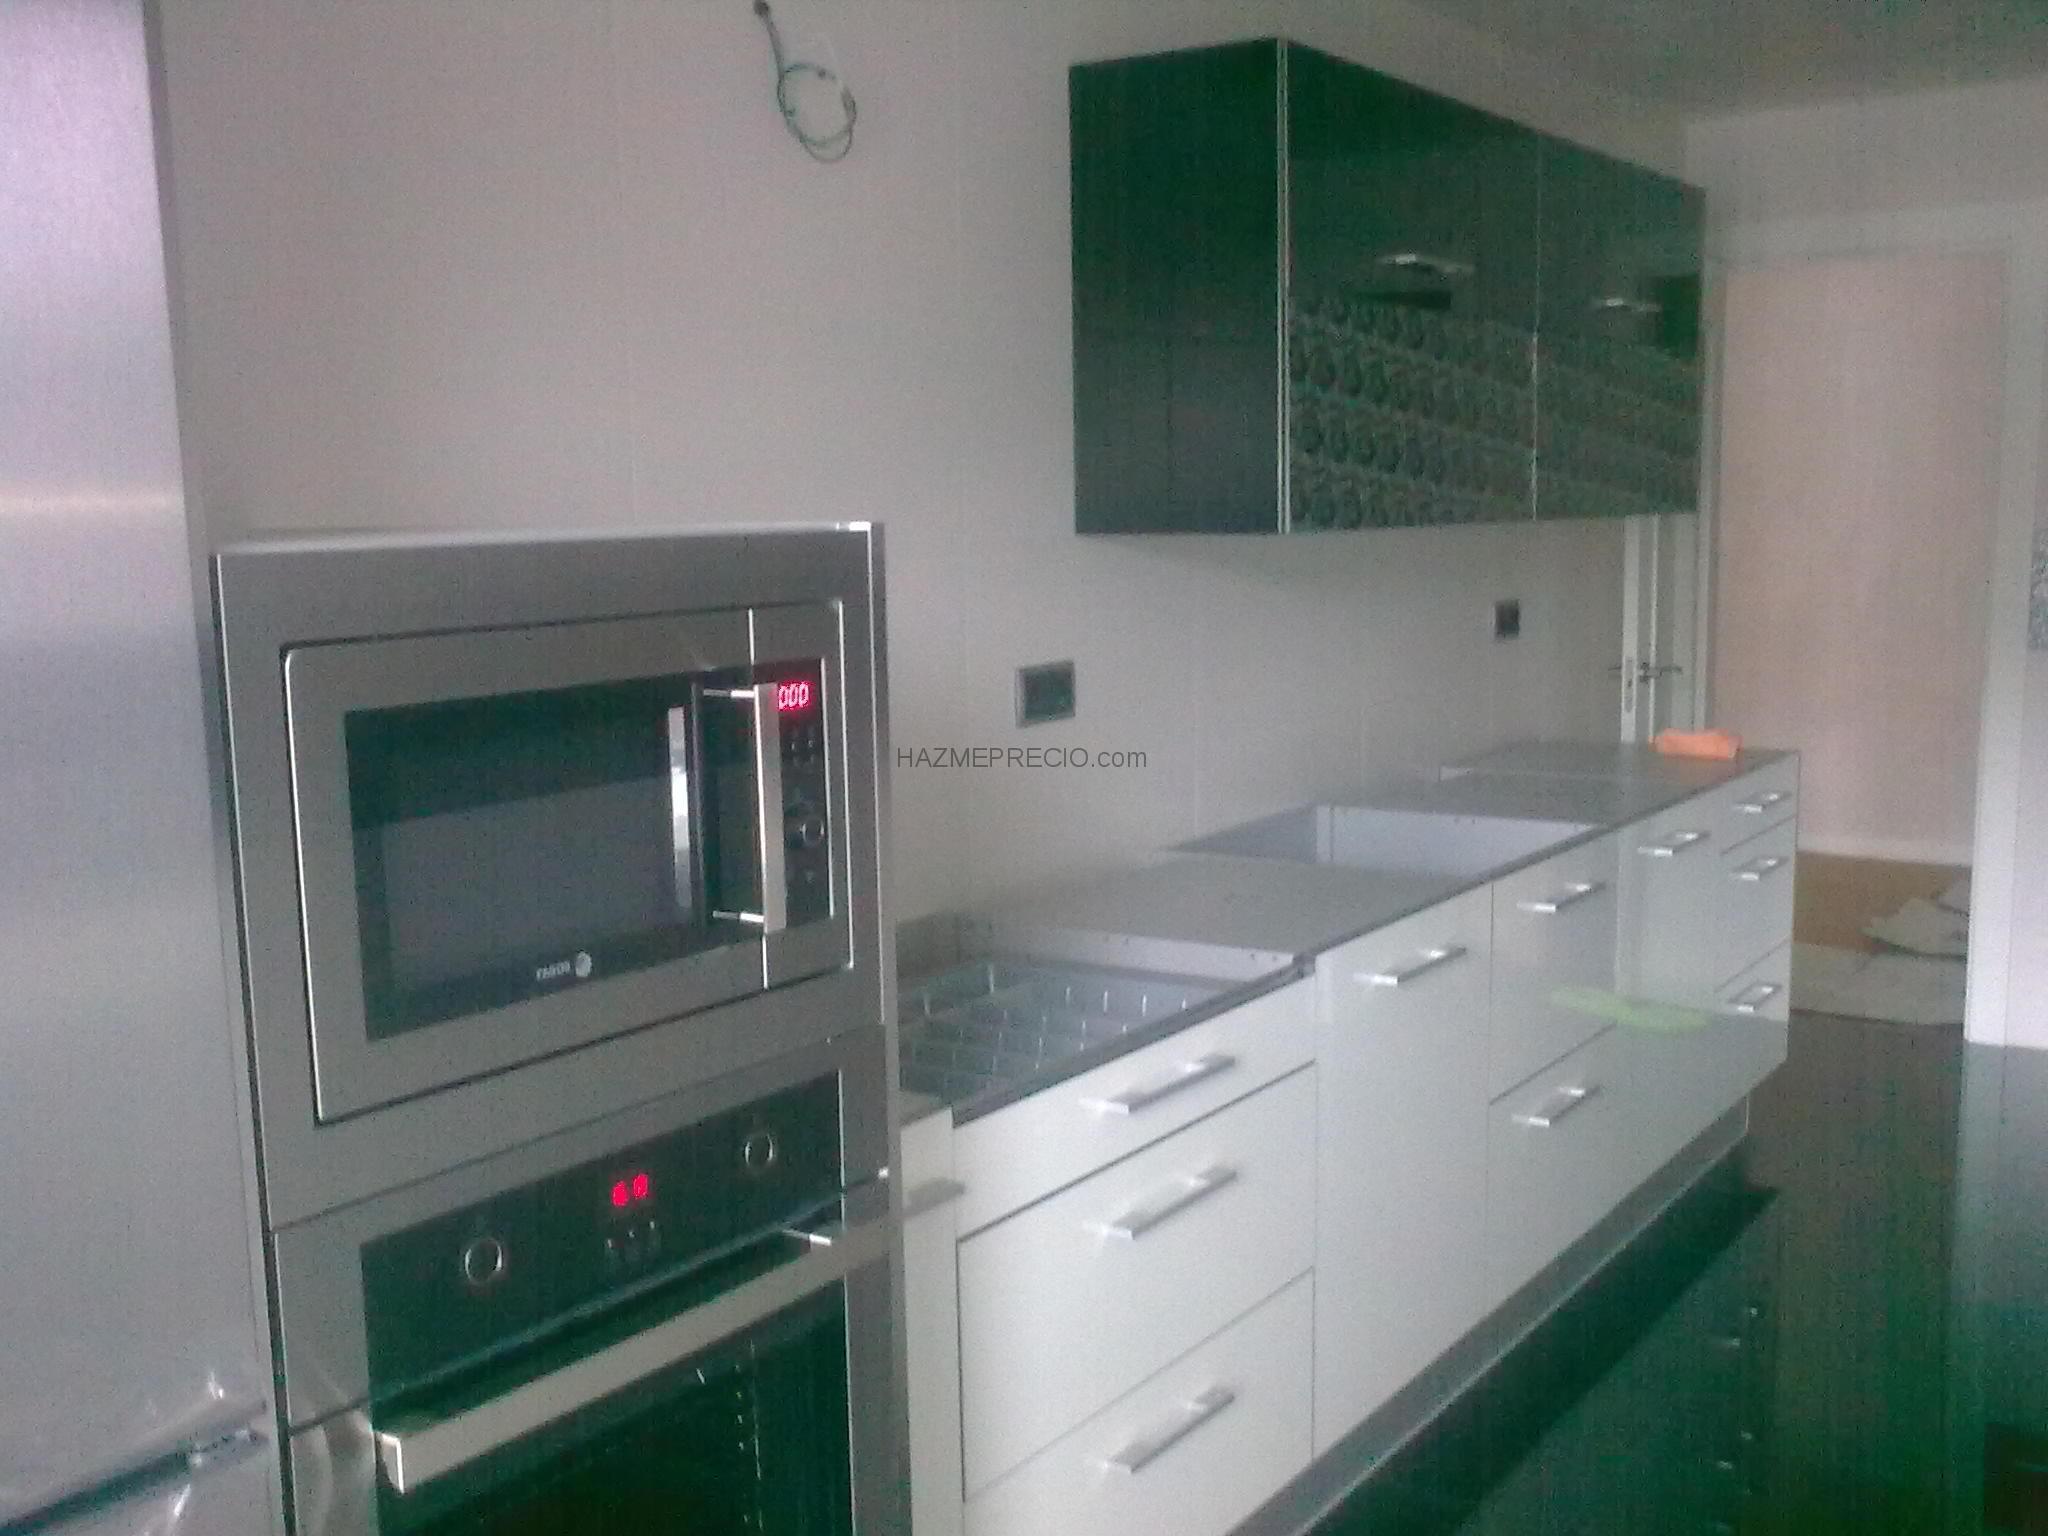 Presupuesto para reformar un vivienda entera bilbao for Presupuesto cocina completa